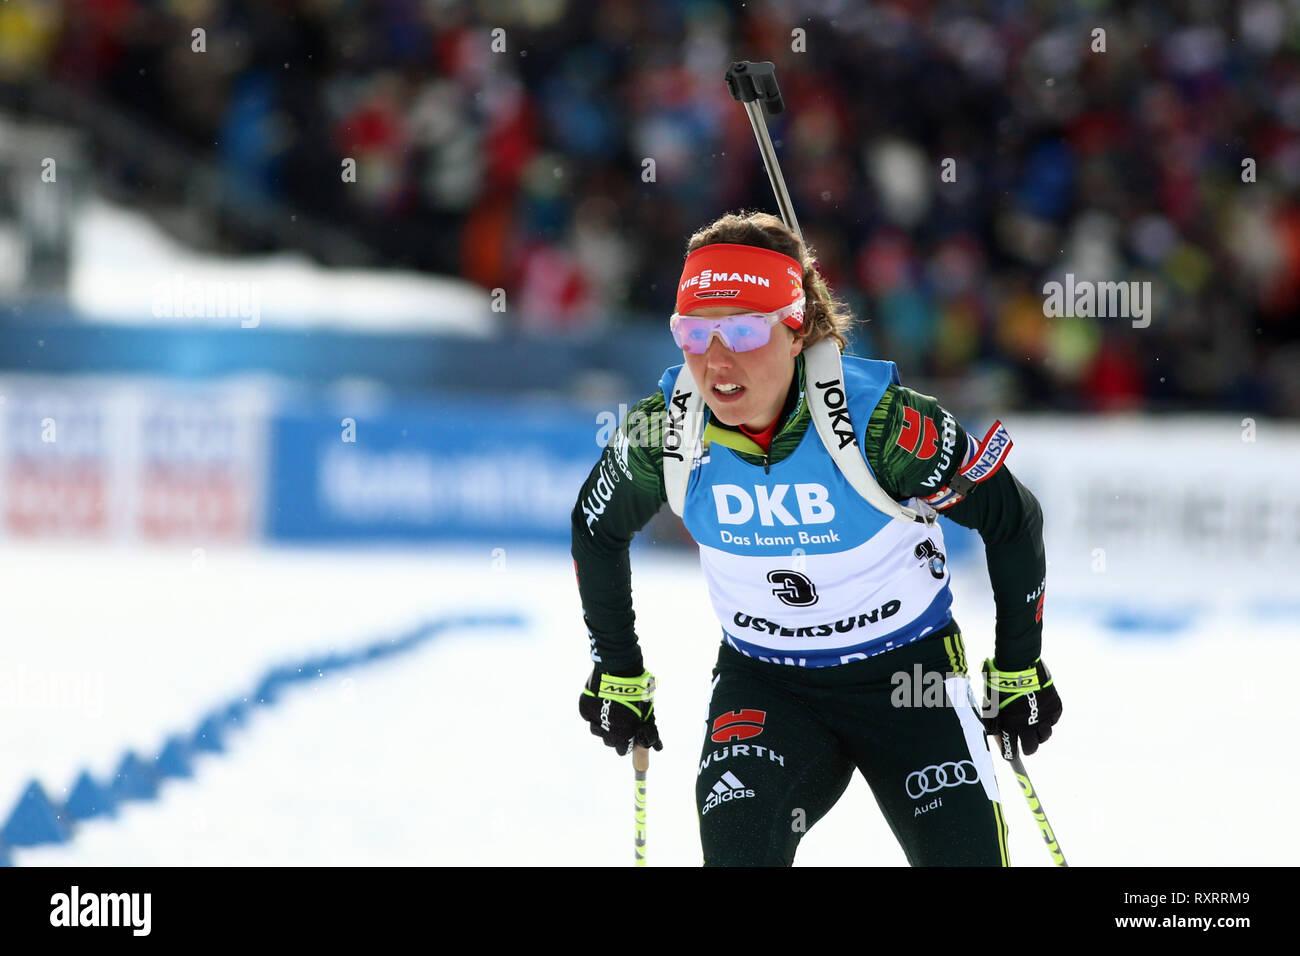 Östersund, Schweden. 10 Mär, 2019. IBU Biathlon Weltmeisterschaften, Tag 4, Verfolgungen; Laura Dahlmeier (GER) in Aktion: Aktion plus Sport/Alamy leben Nachrichten Stockbild